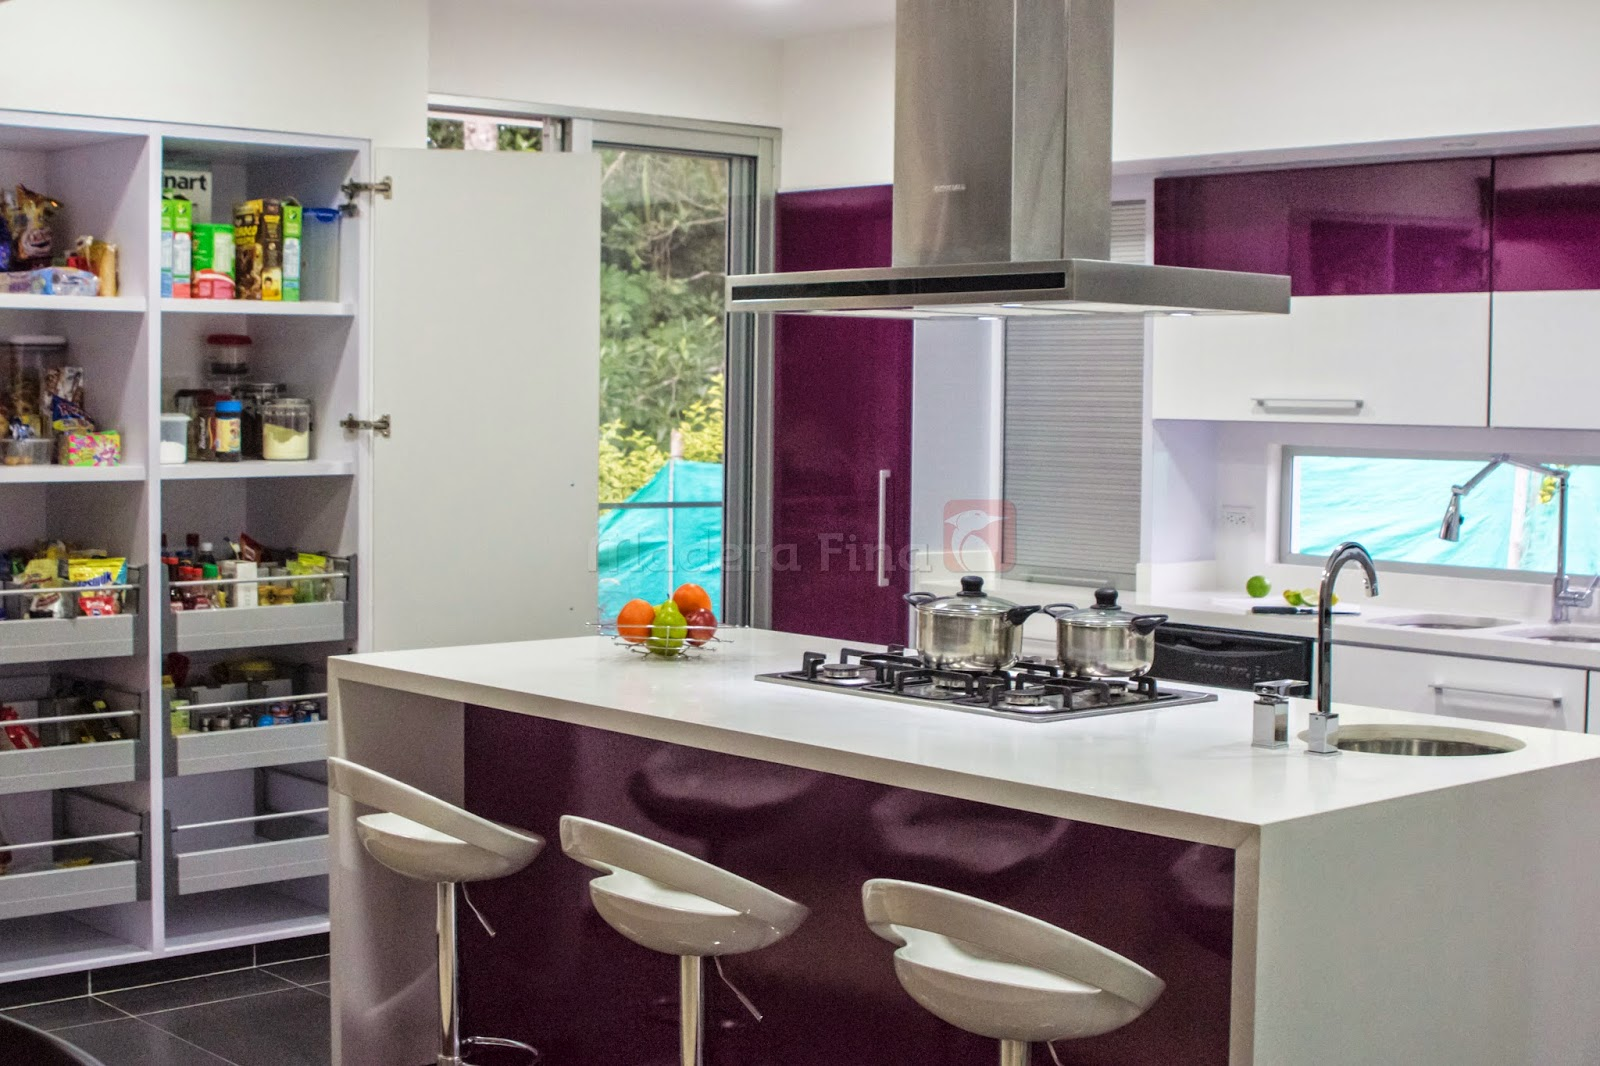 cocina moderna en pereira morado y blanco cocinas